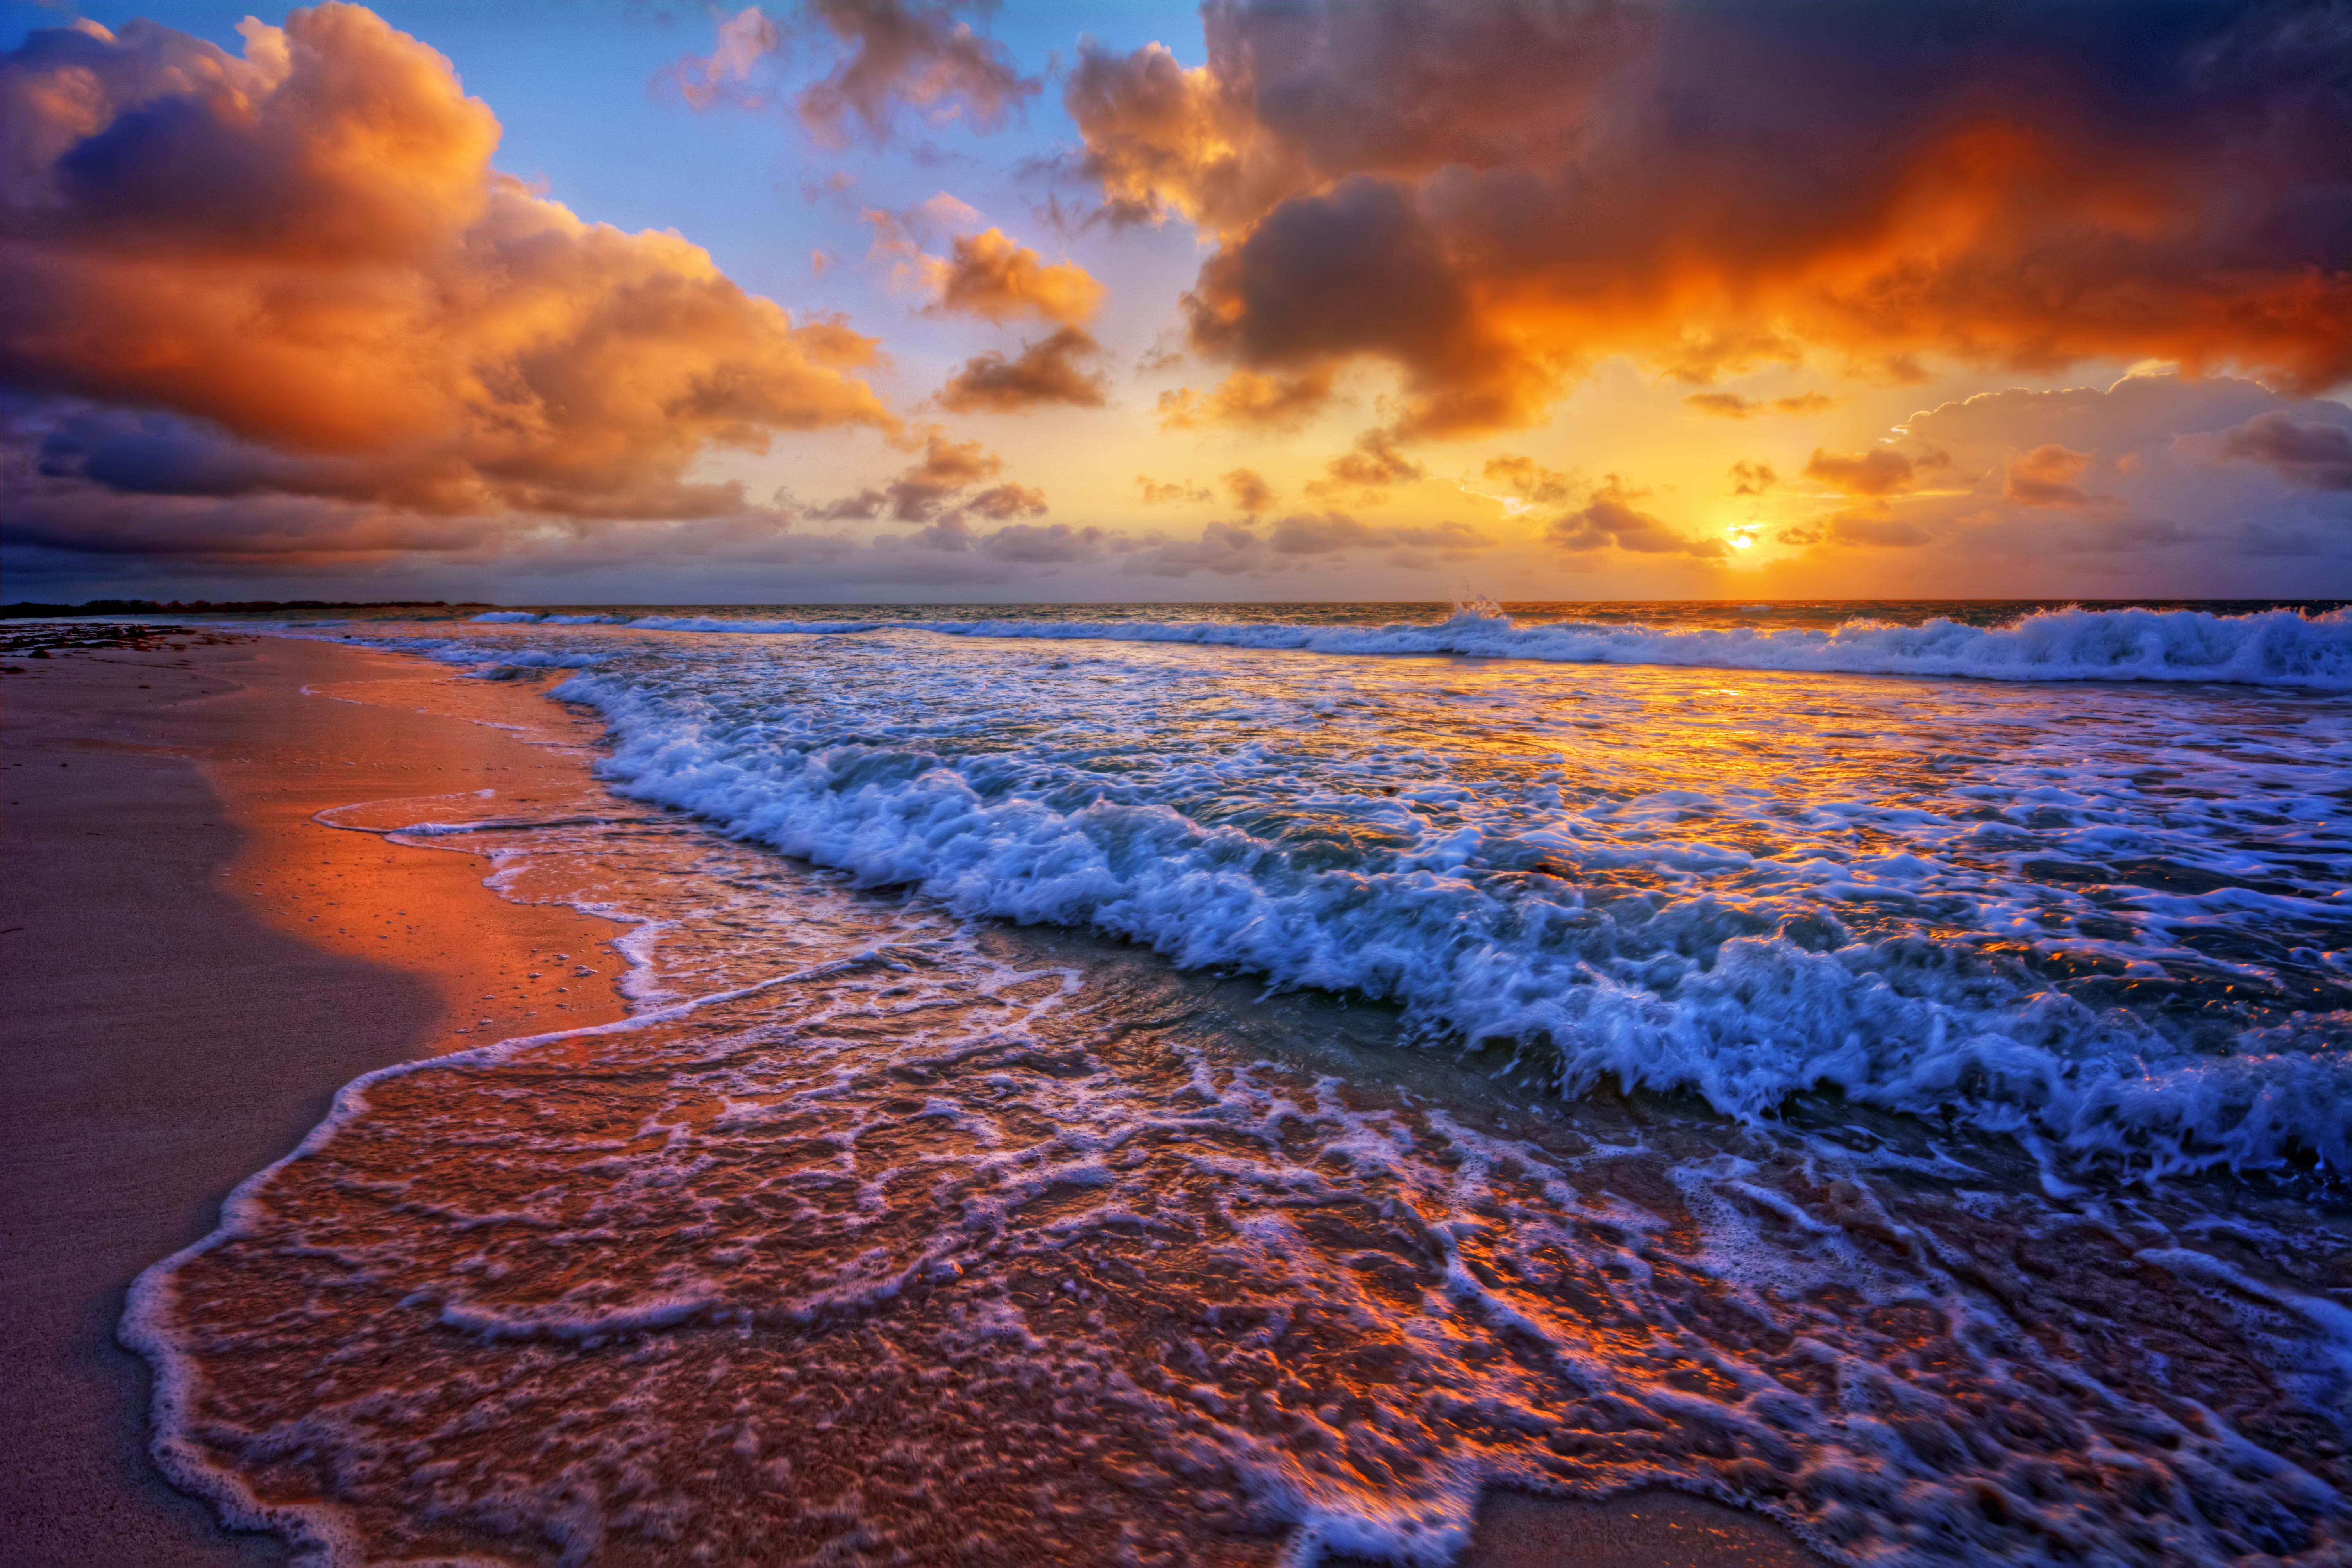 Море закат волна  № 3891377 бесплатно